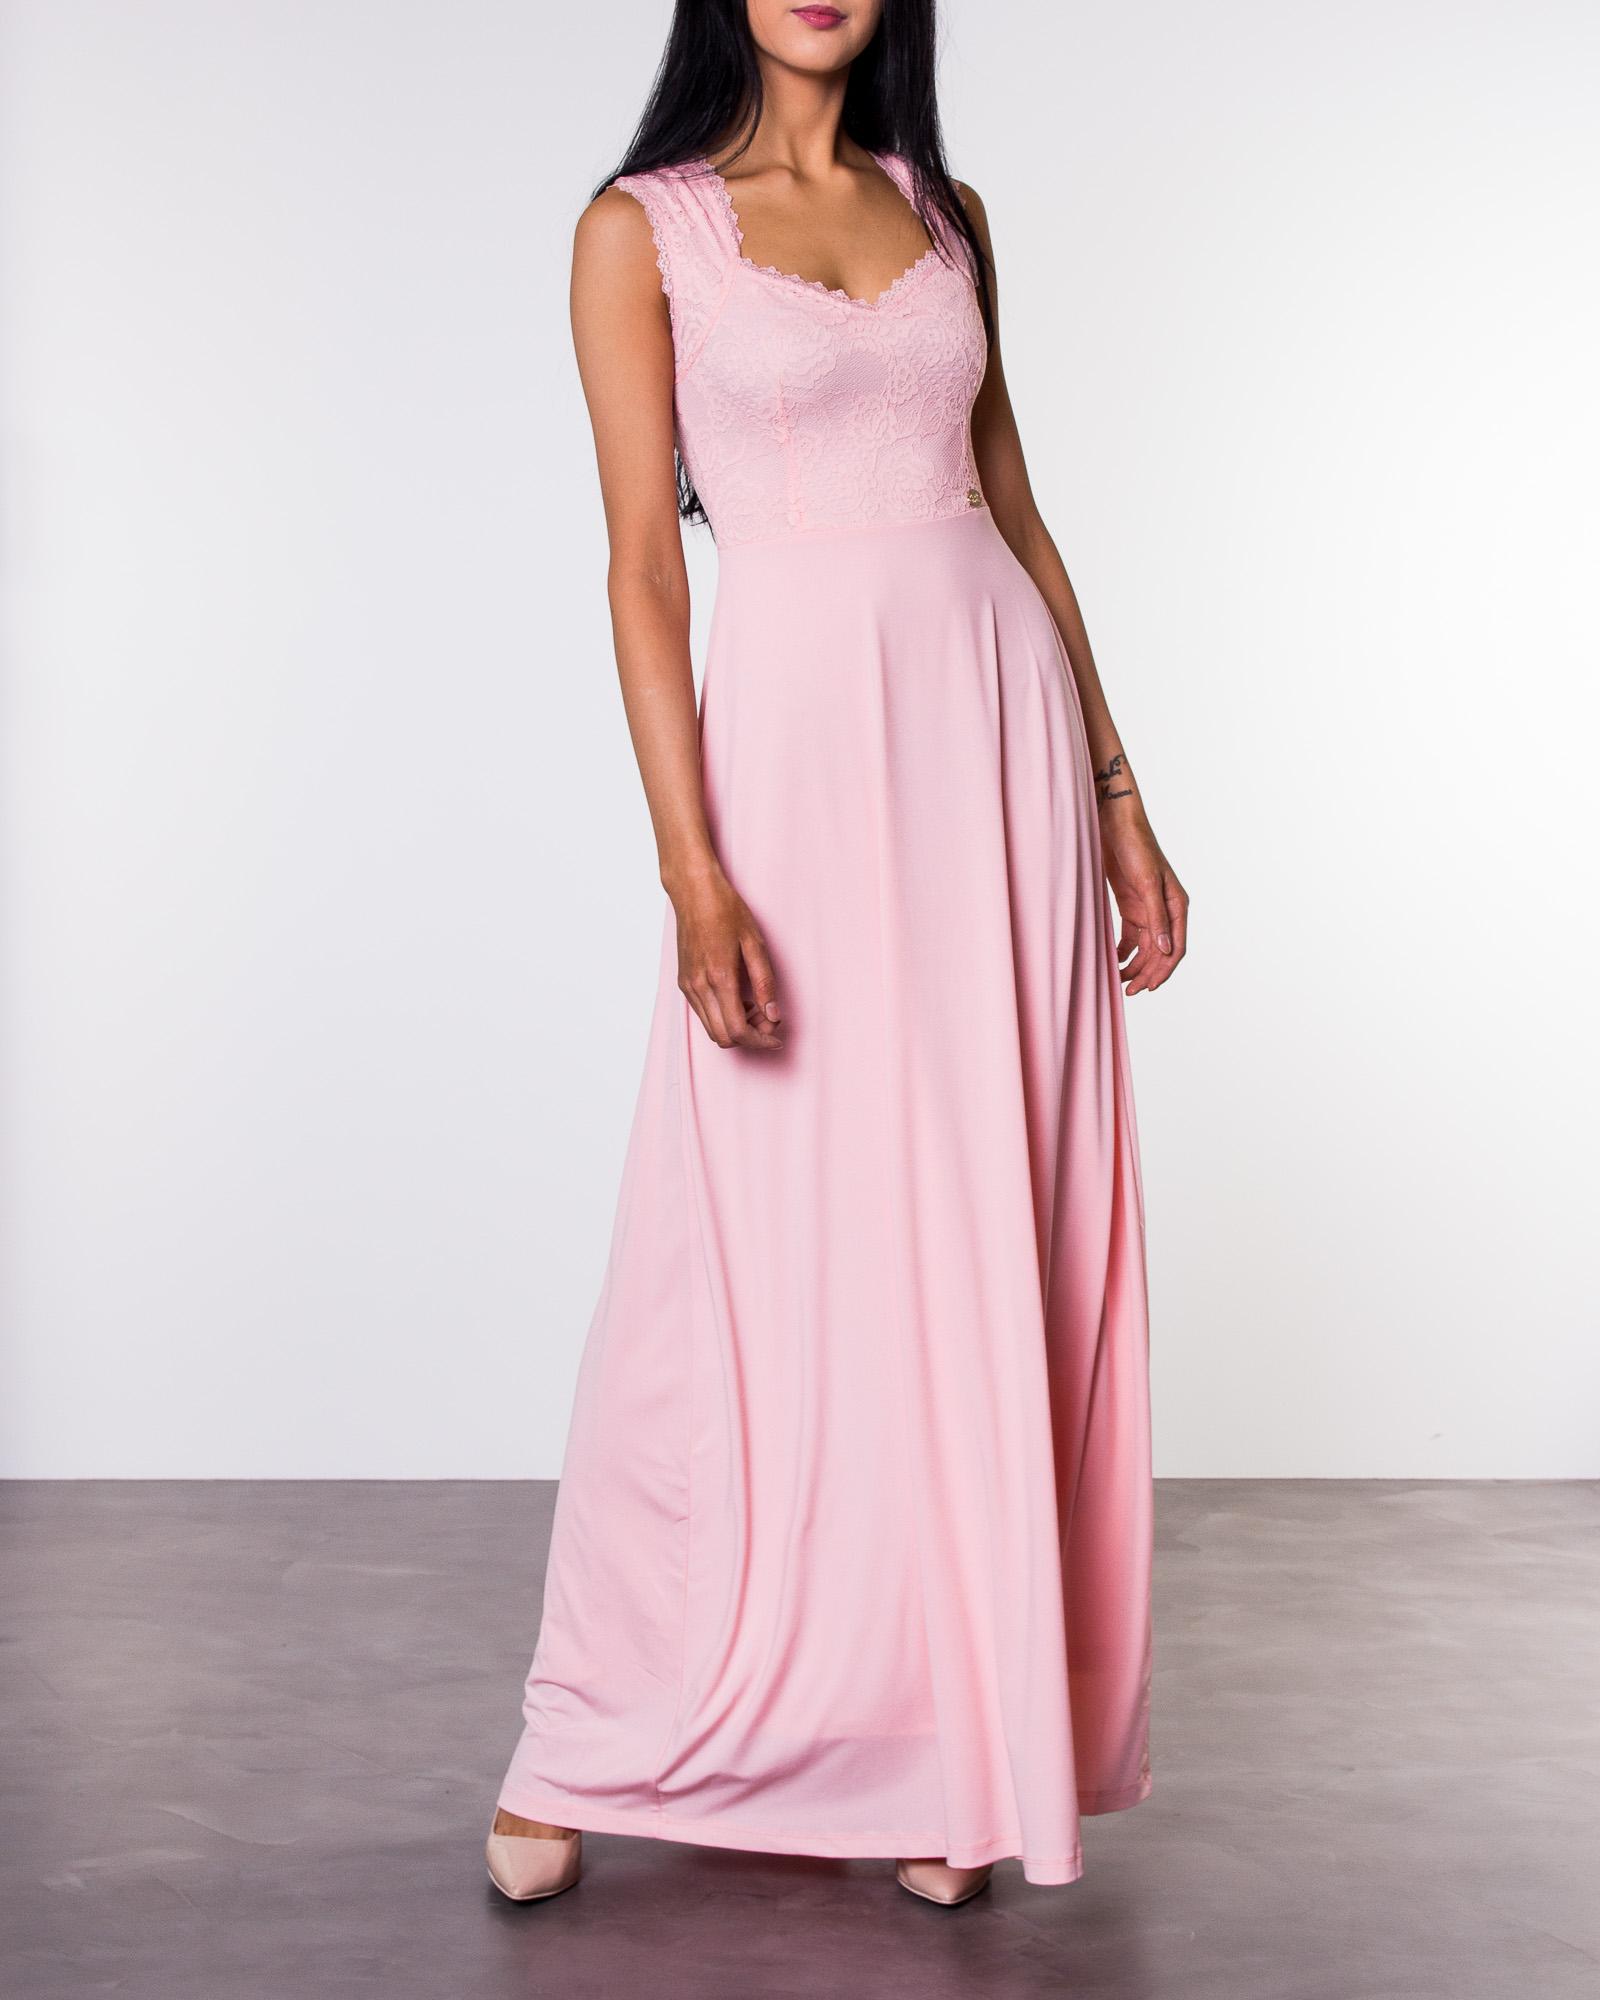 1732d483 Chiara Forthi, Piubella Maxi Dress Rosa   Dresses   HOUSEOFBRANDON.COM